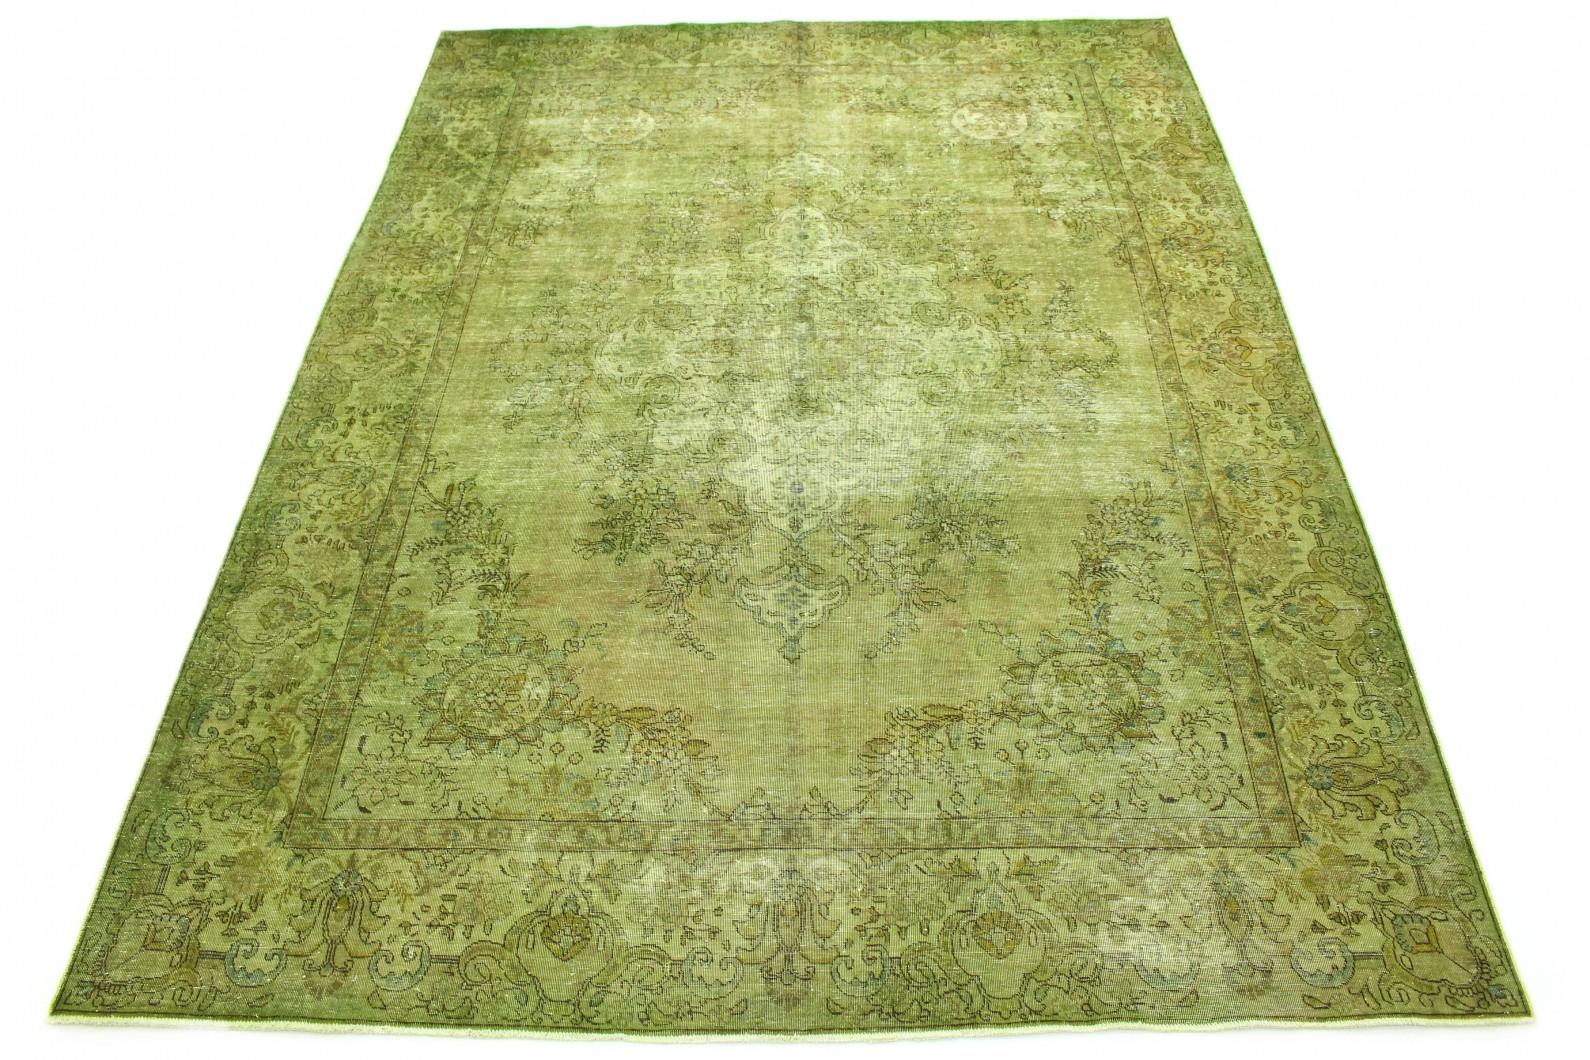 Vintage Teppich Grün in 390x290 (1 / 6)